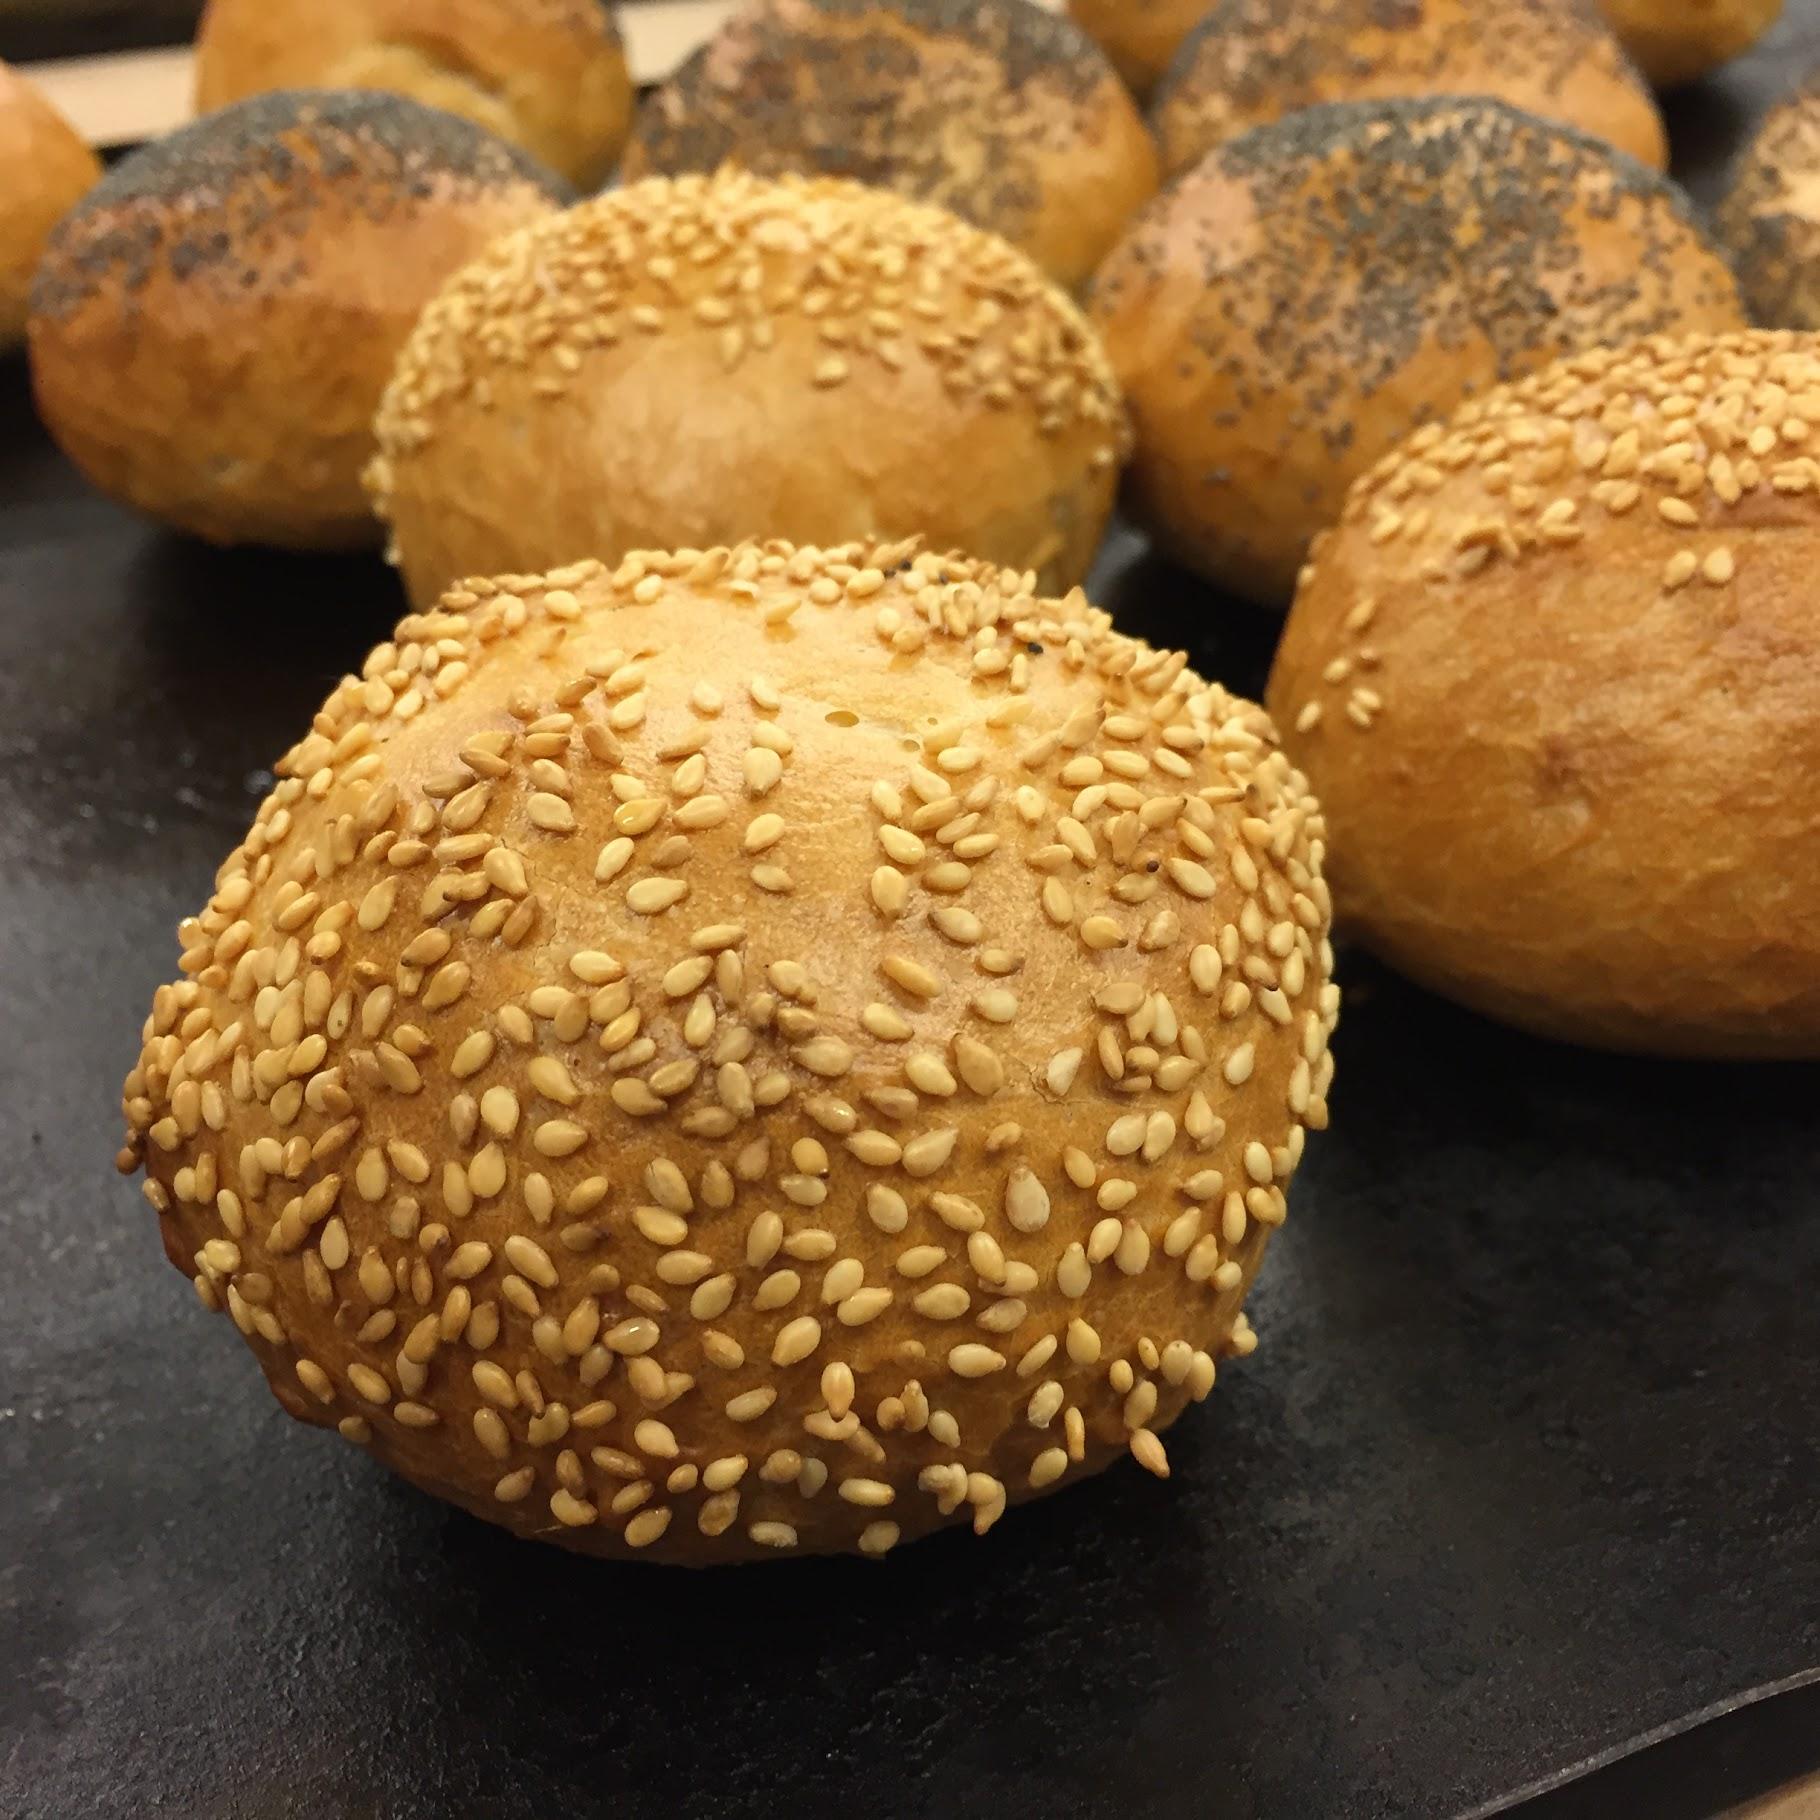 Saptamana cinci: malakoff, paine cu nuci, fursecuri cu ganache si dreptunghiuri cu dulceata de caise